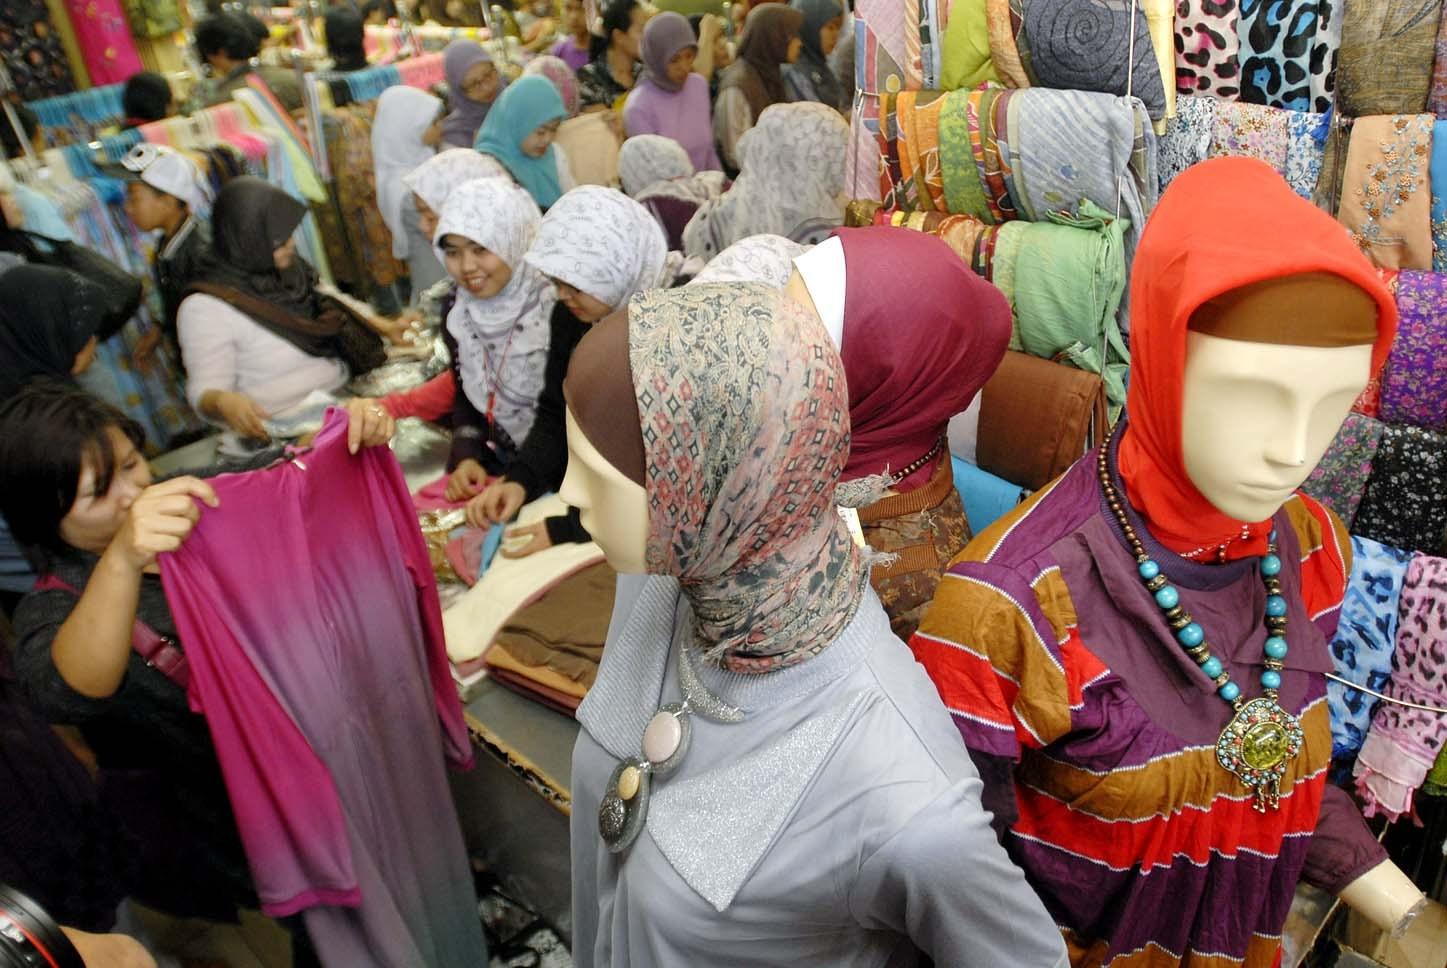 Artis bisnis busana muslim